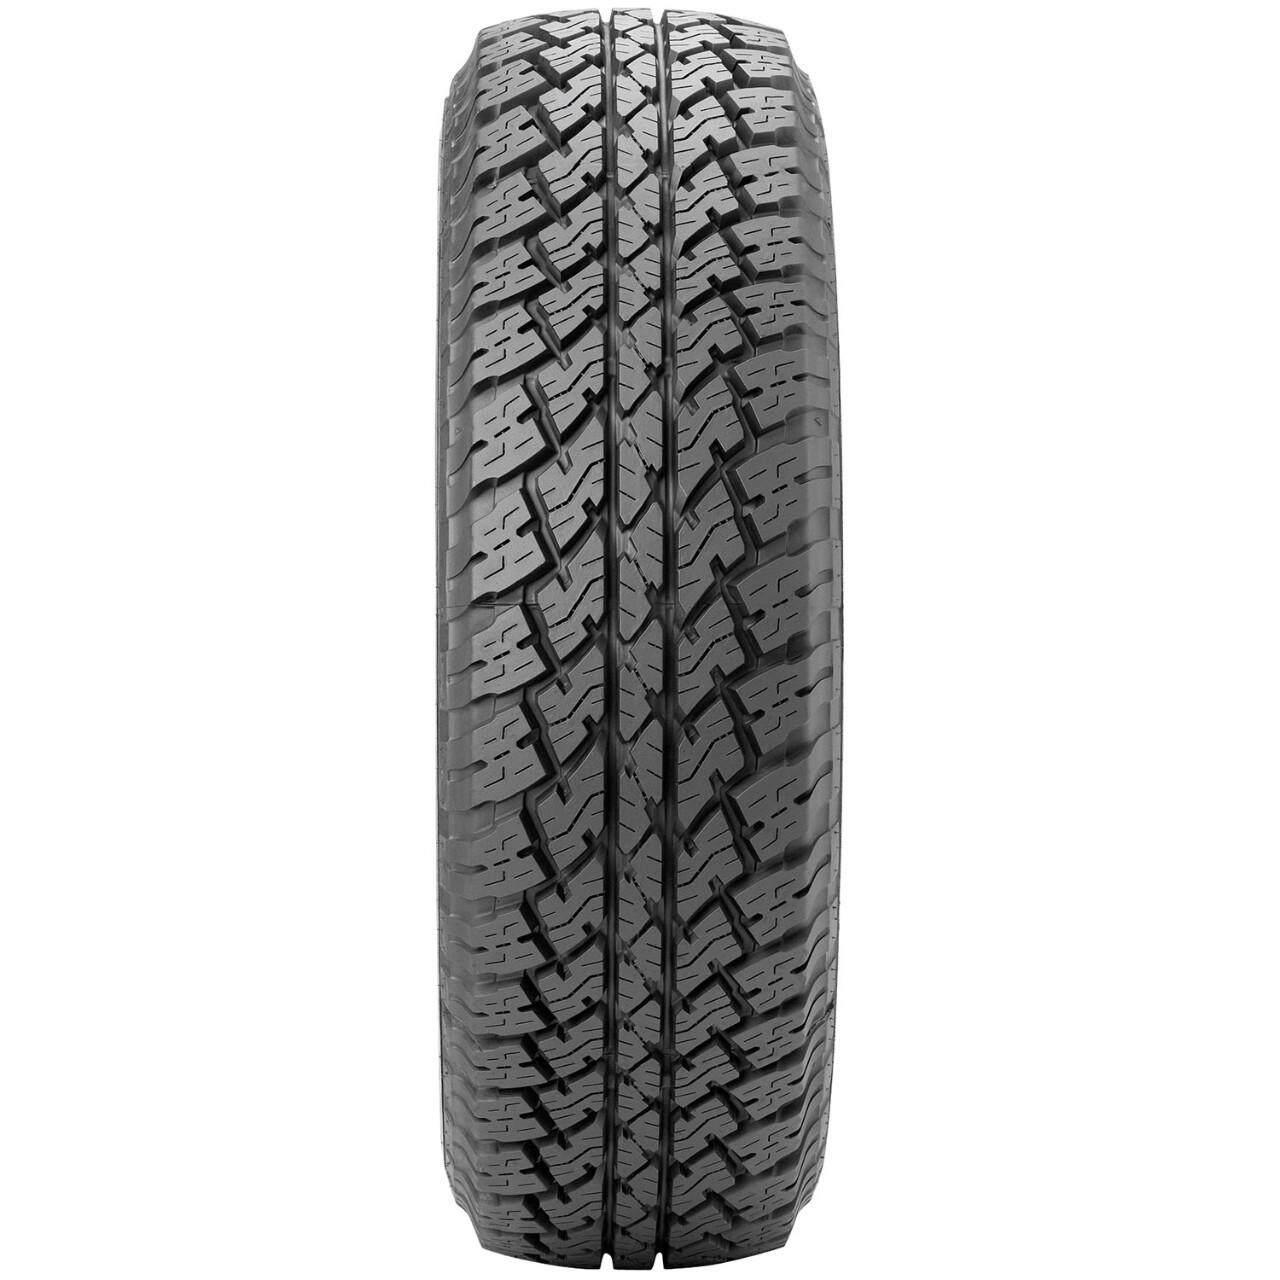 ประกันภัย รถยนต์ แบบ ผ่อน ได้ สระบุรี Bridgestone ยางรถยนต์ 265/65R17 รุ่น DUELER A/T 693III จำนวน 4 เส้น (ยางปี2019)